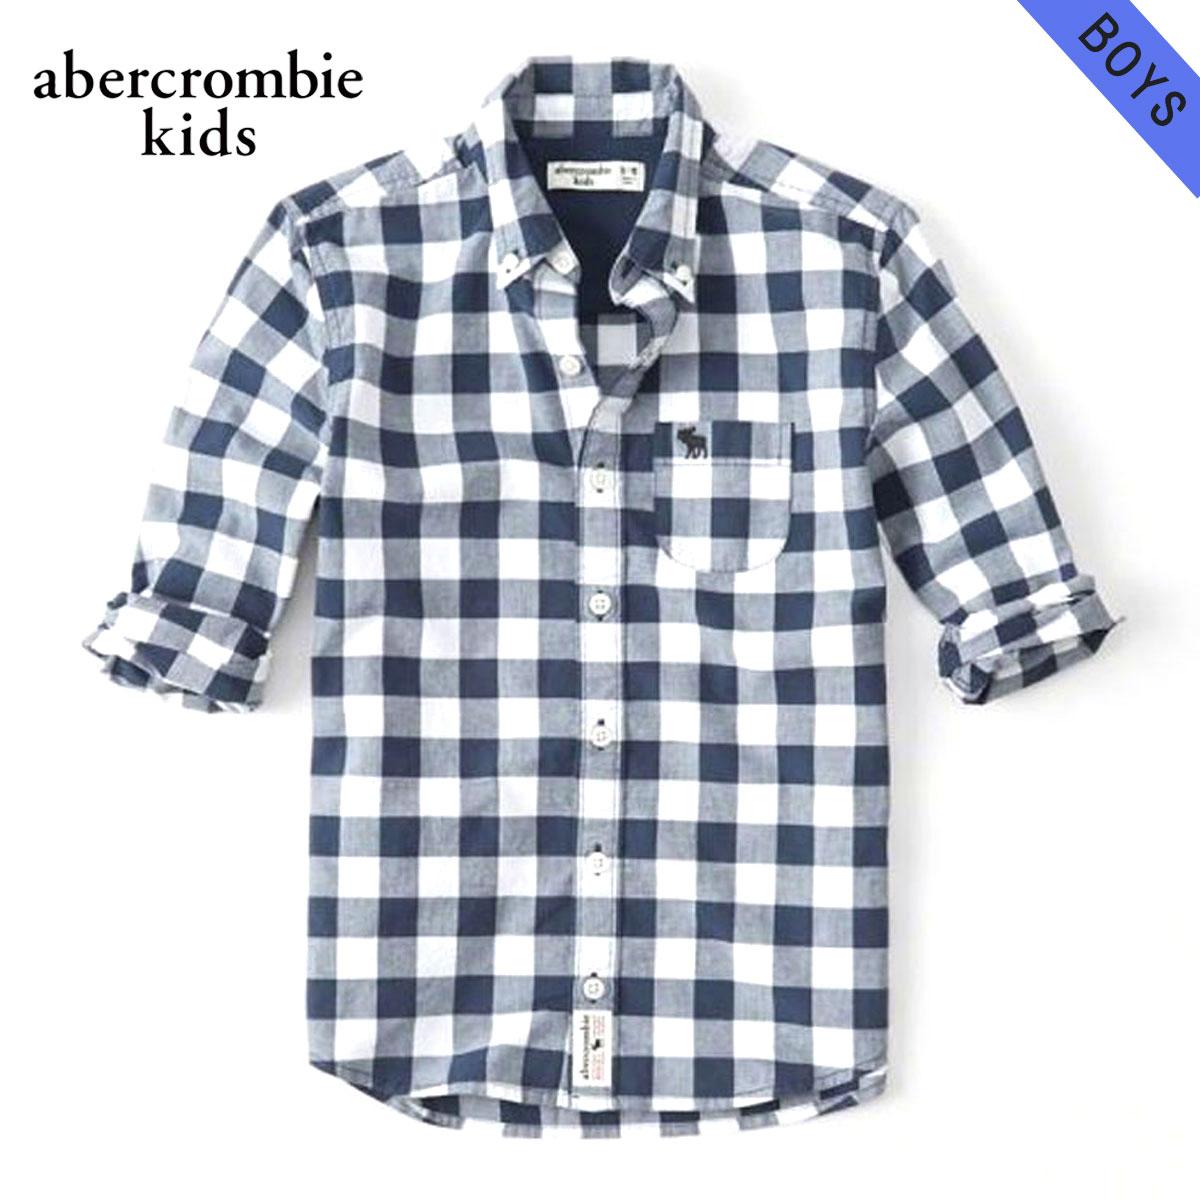 アバクロキッズ AbercrombieKids 正規品 子供服 ボーイズ 長袖シャツ long sleeve poplin shirt 225-680-0736-023